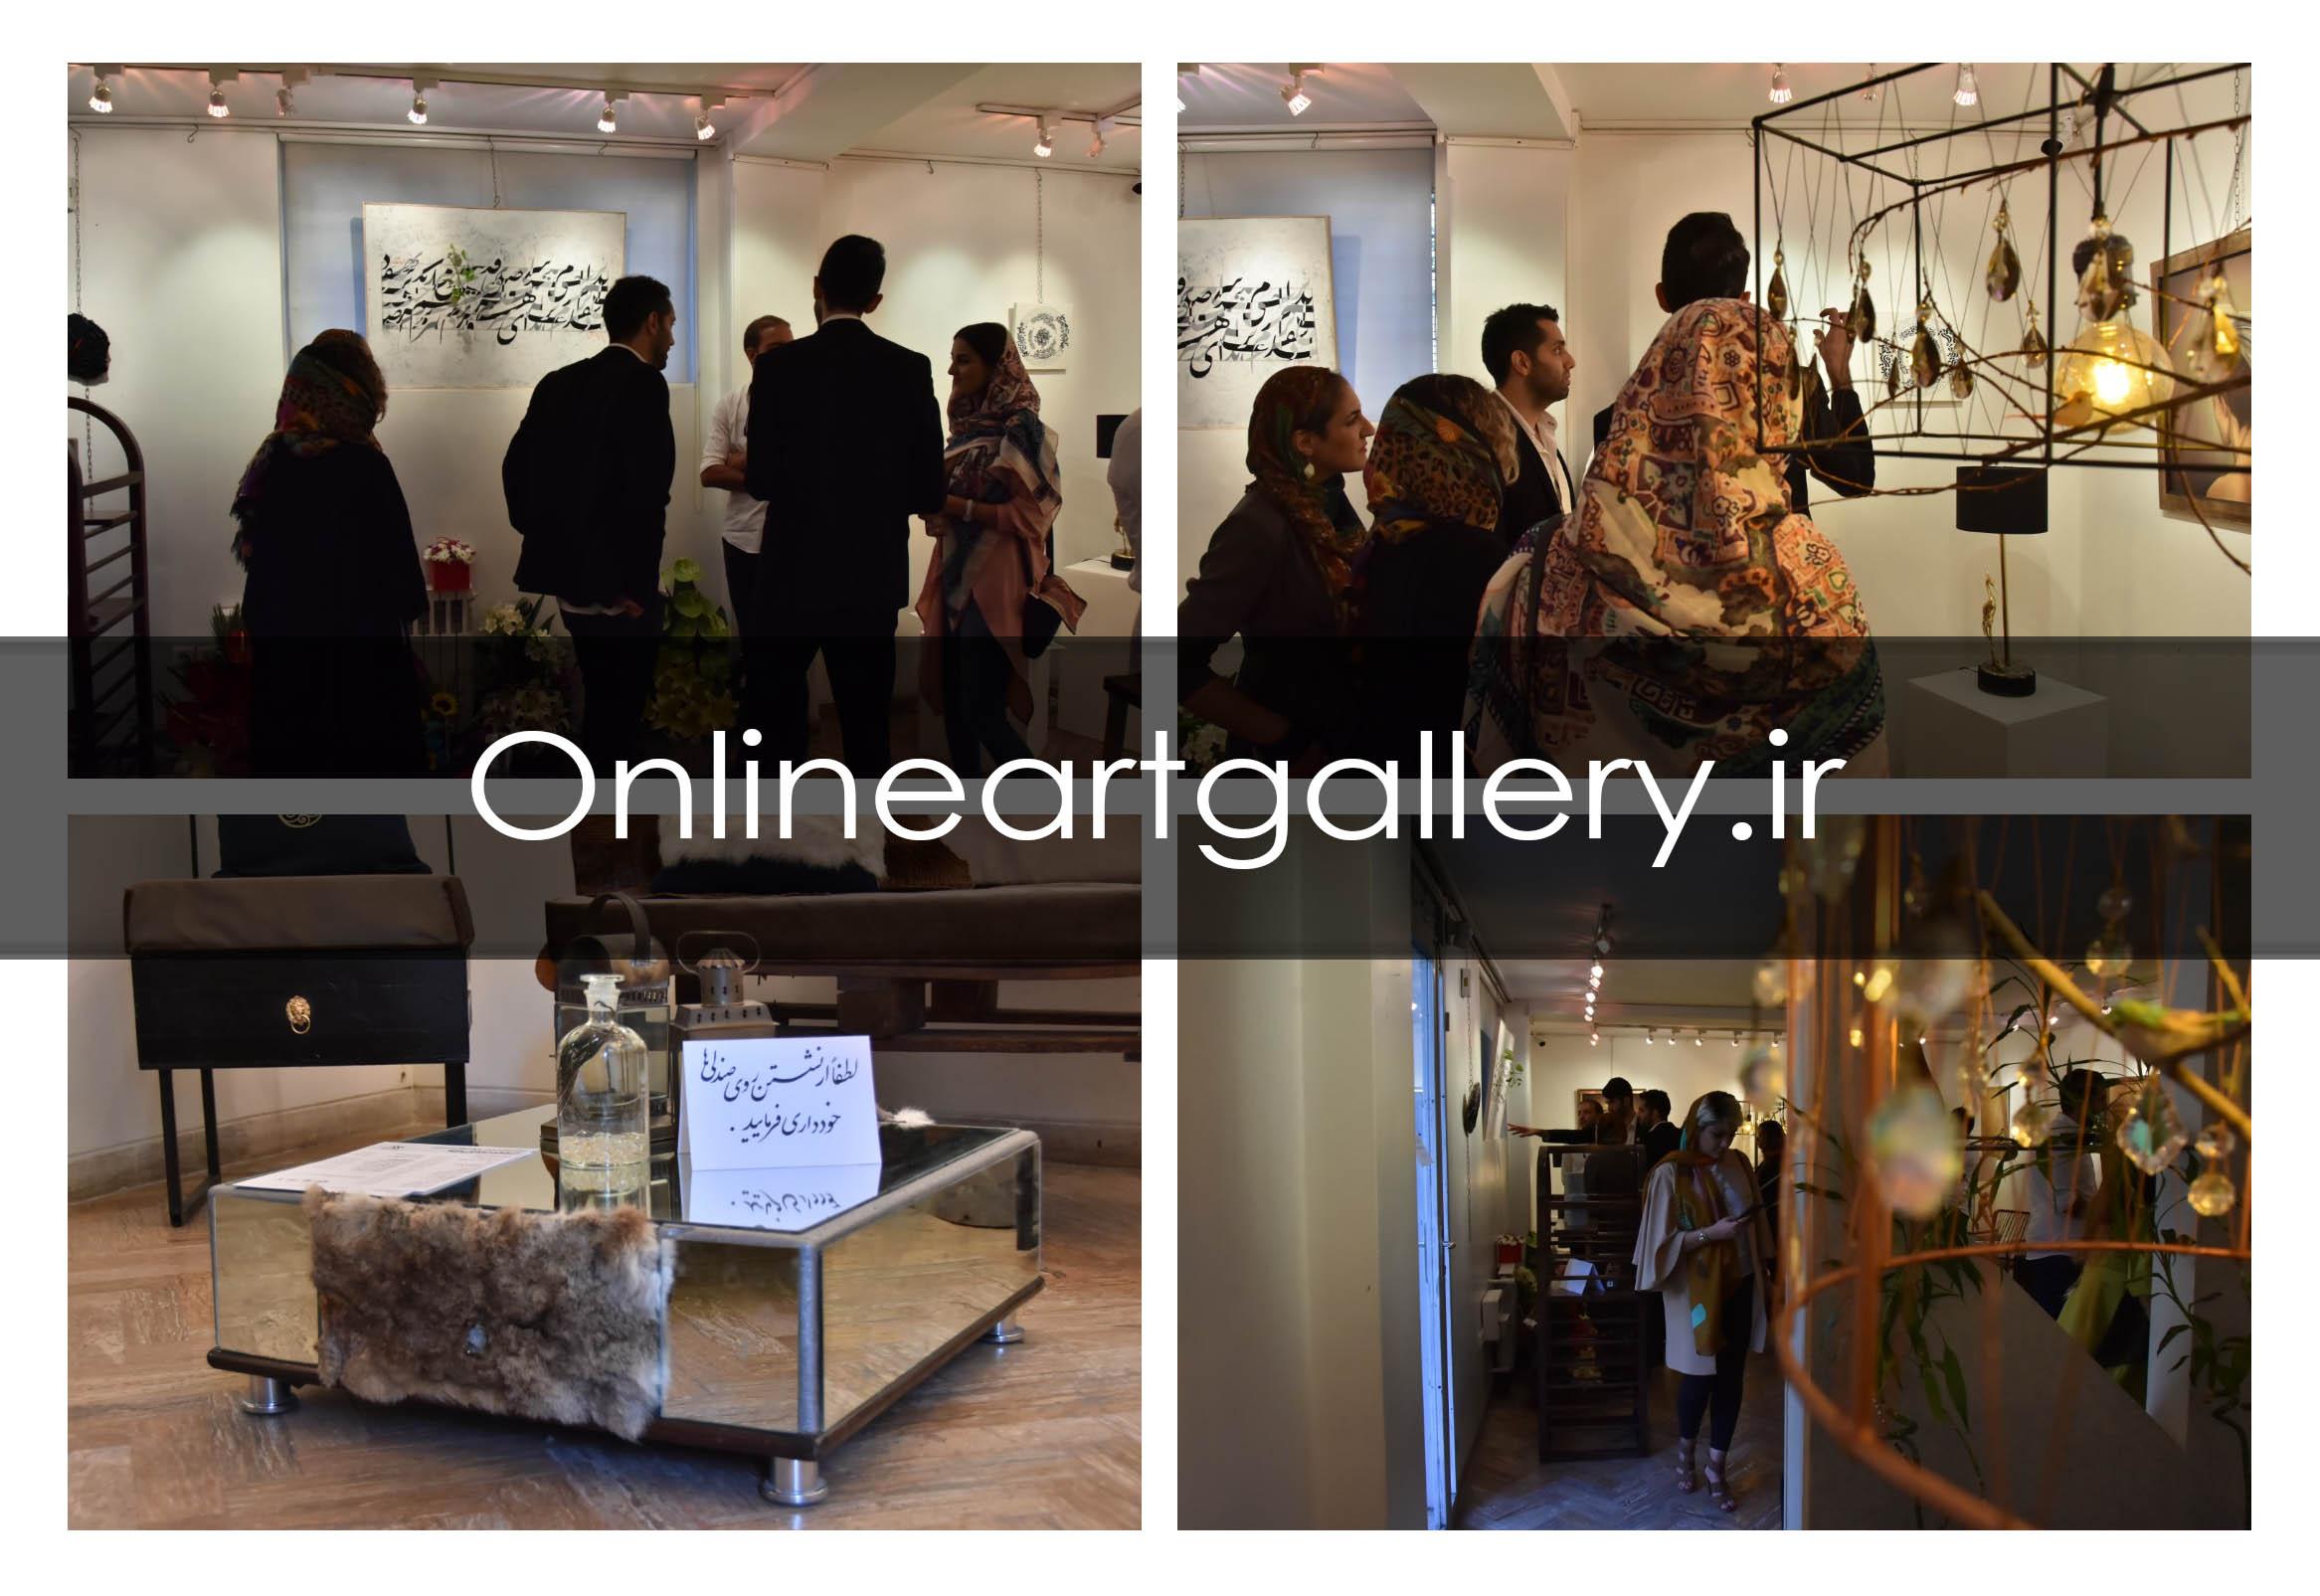 گزارش تصویری نمایشگاه هنرهای کاربردی و مبلمان در گالری نقش جهان